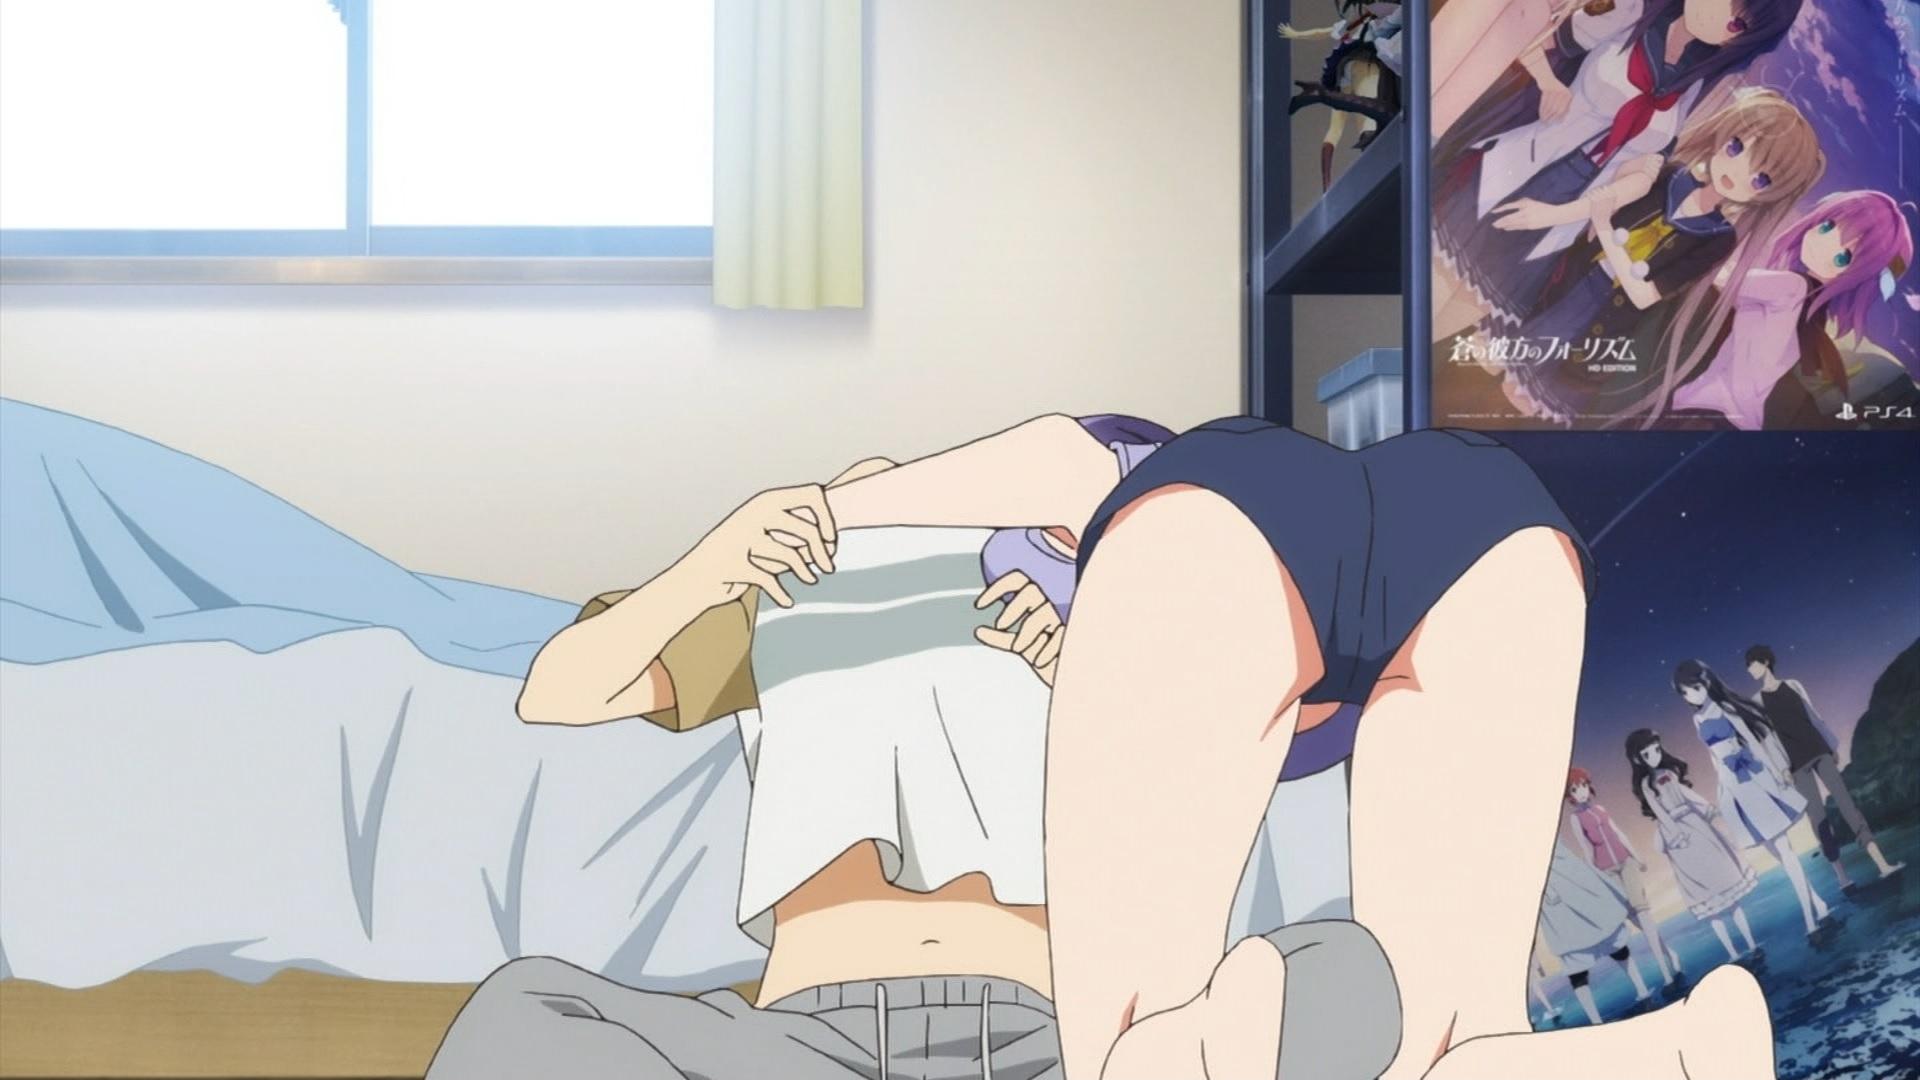 氷堂美智留の尻(冴えない彼女の育てかた♭3話画像)